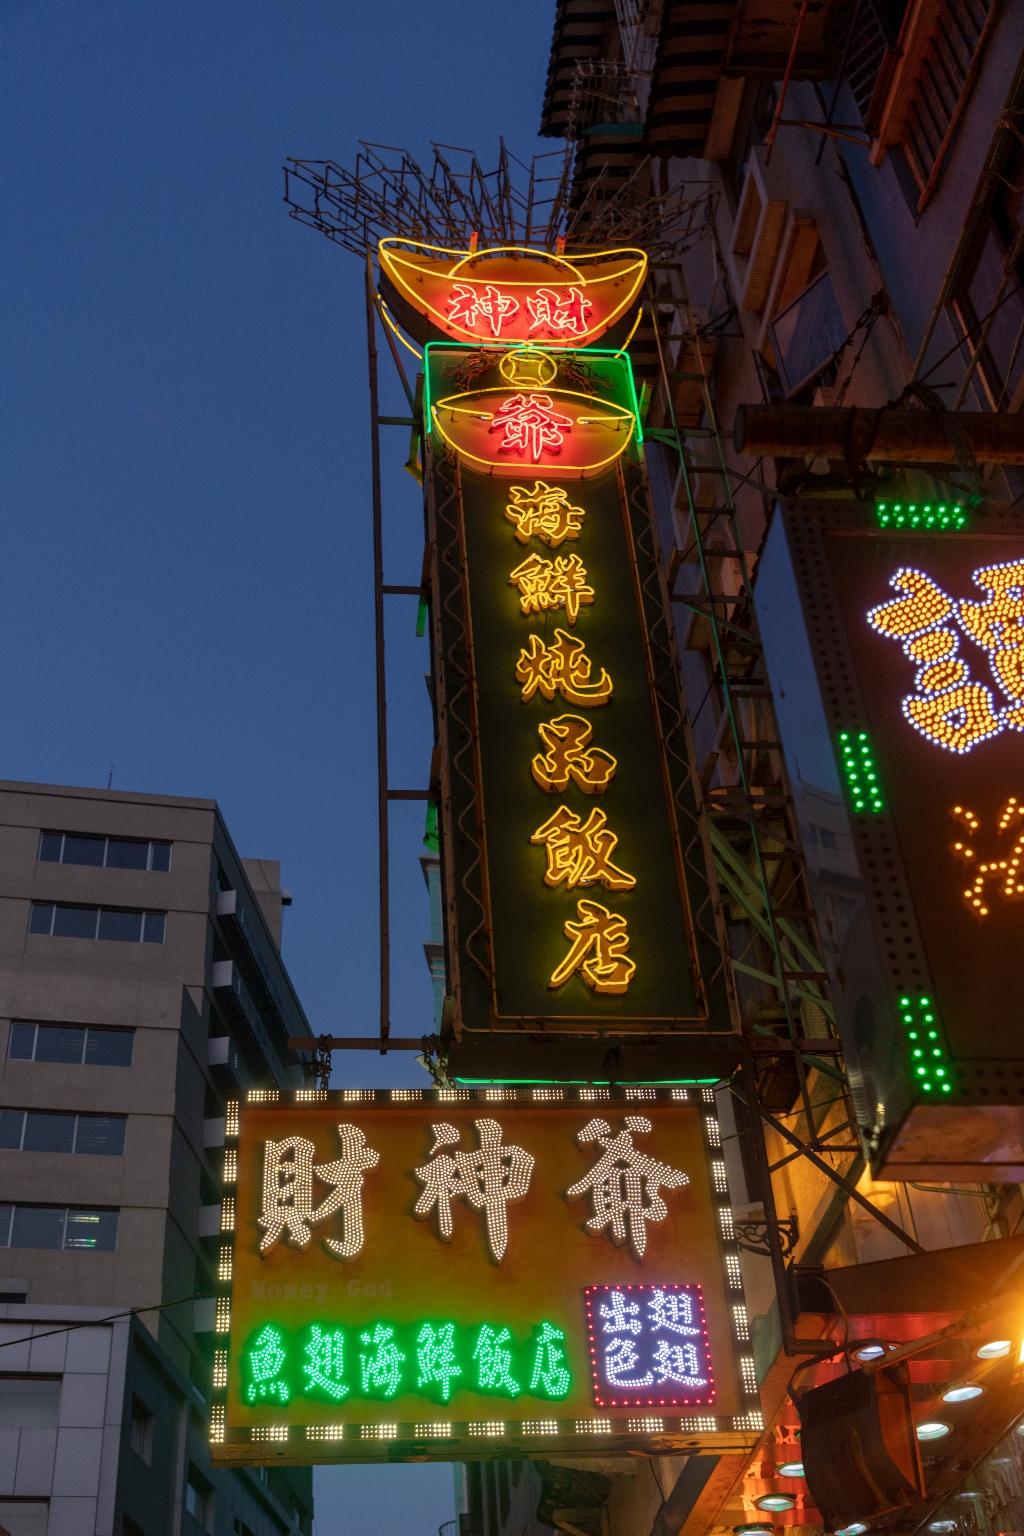 """大街,""""財神飯店""""的老式霓虹燈招牌及新款led燈招牌"""